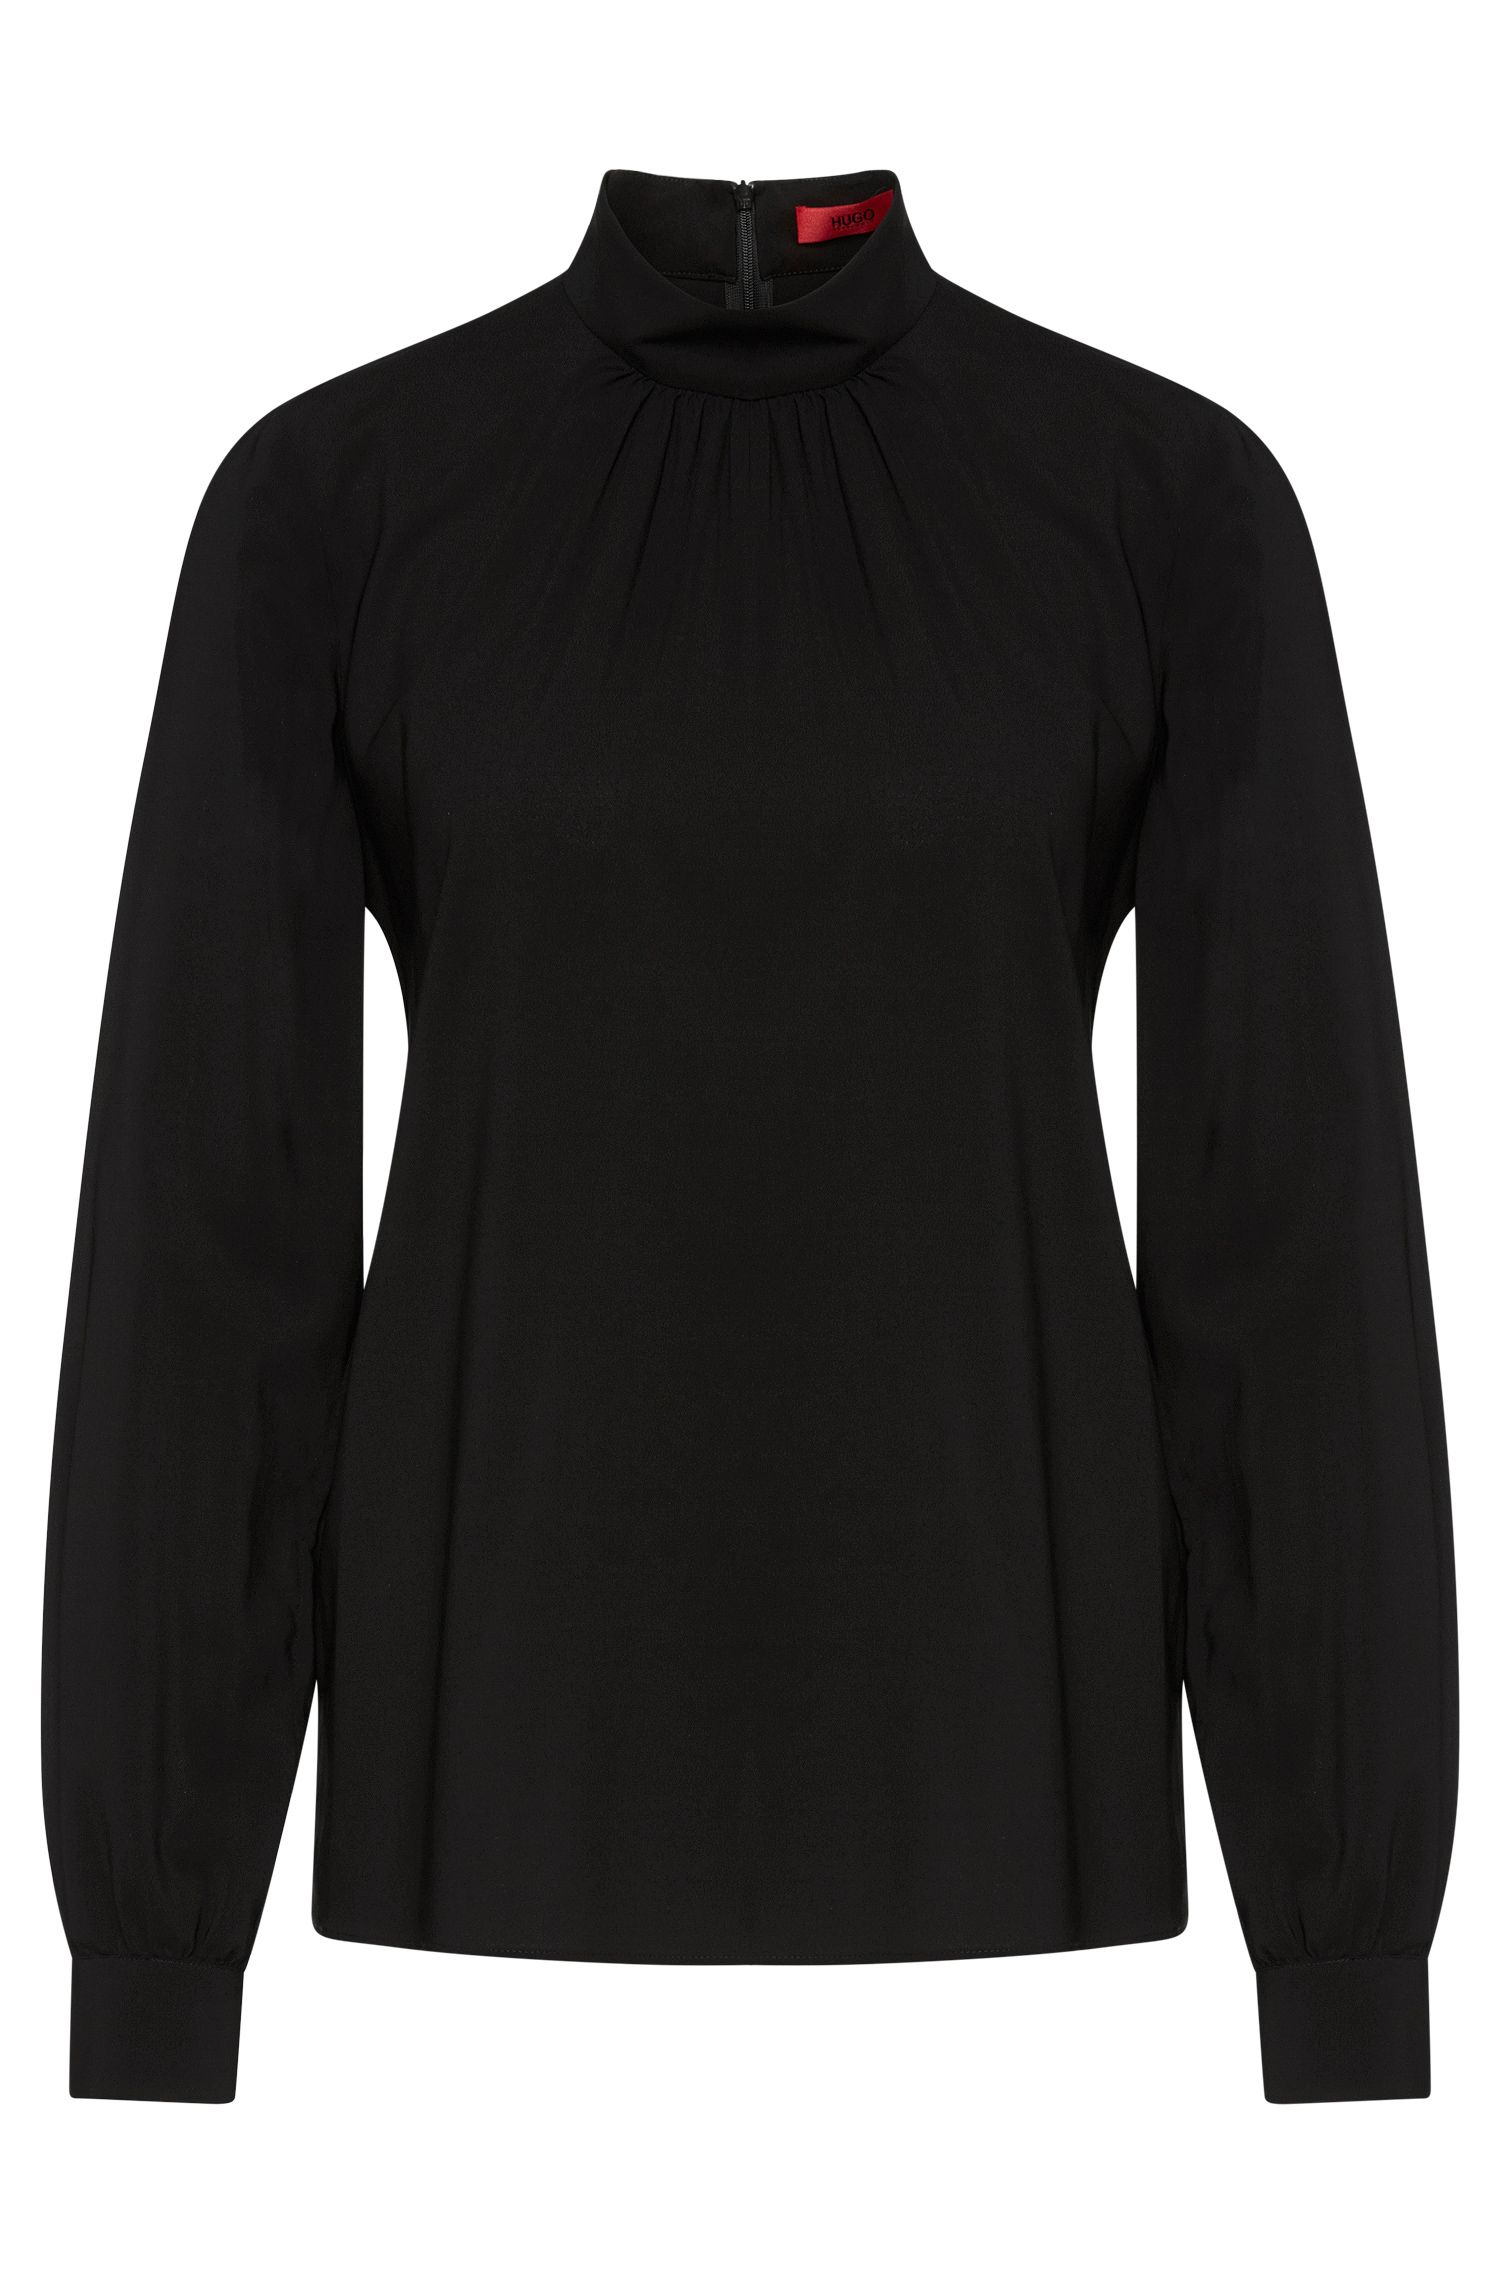 Bluse aus Stretch-Viskose mit Falten-Details: 'Carinas-1'